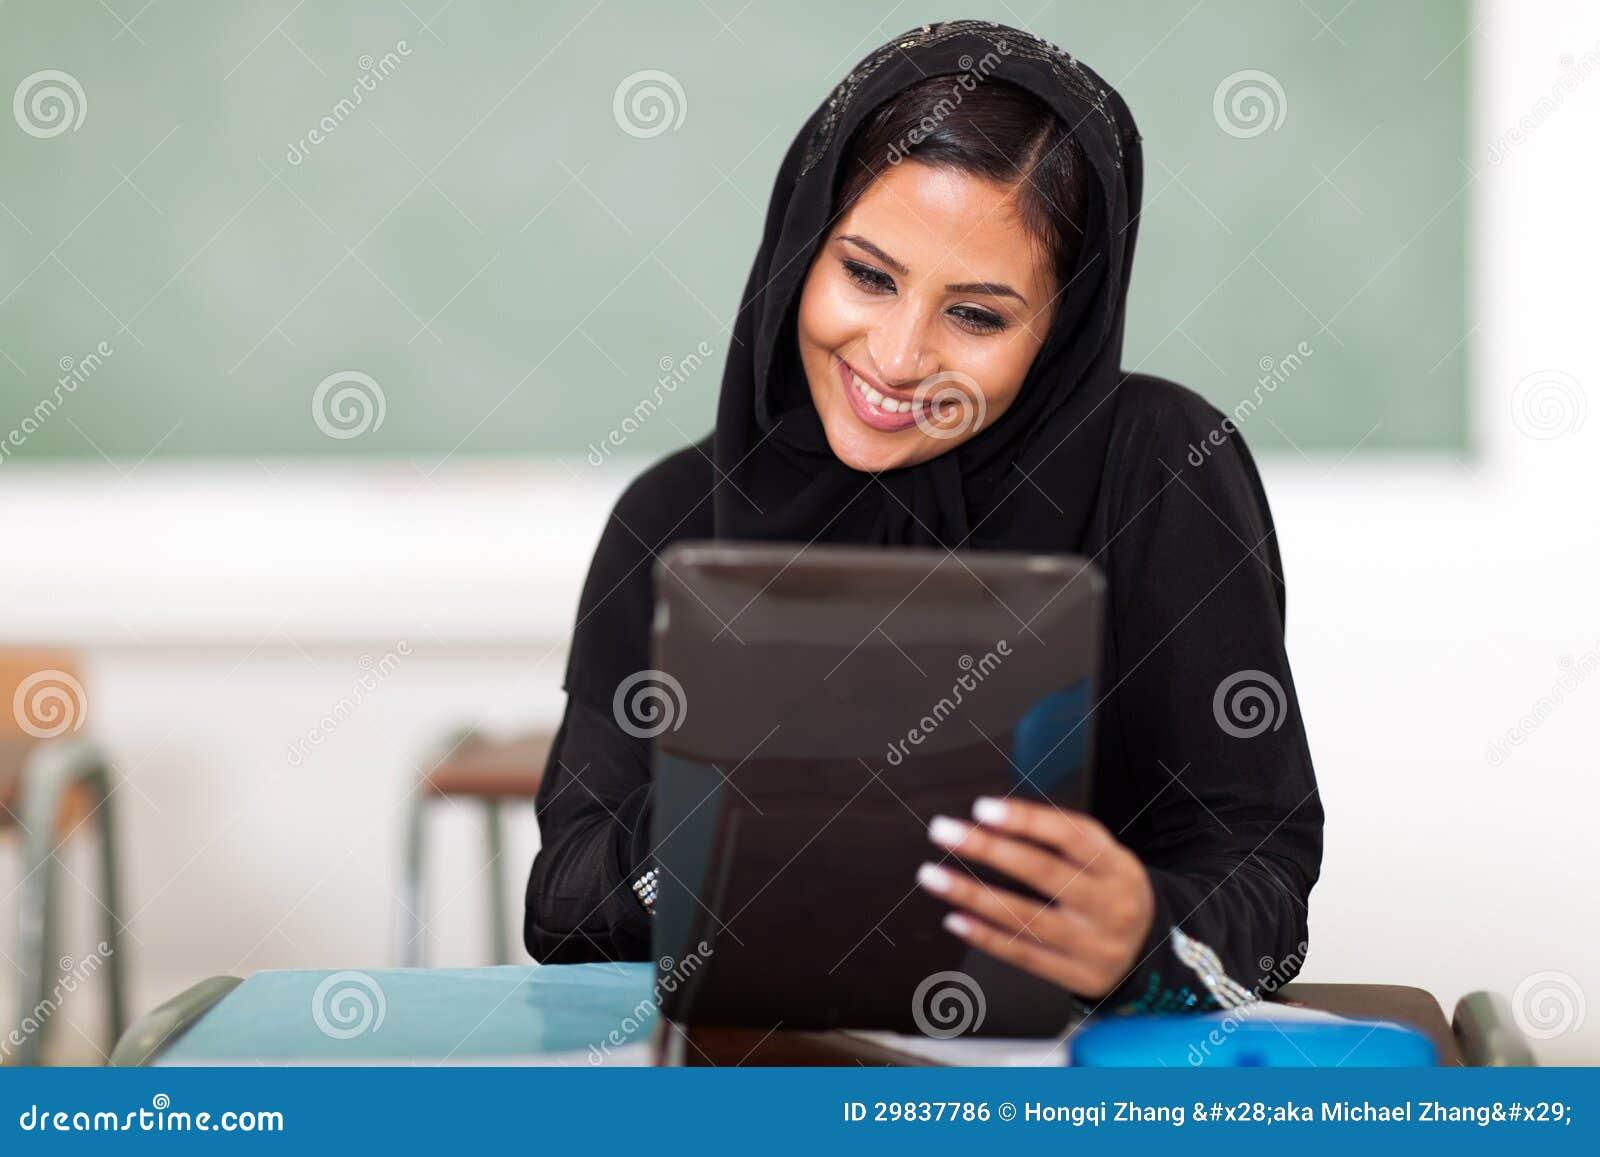 Als laatste merkt ze op dat met name mensen met een Arabische.